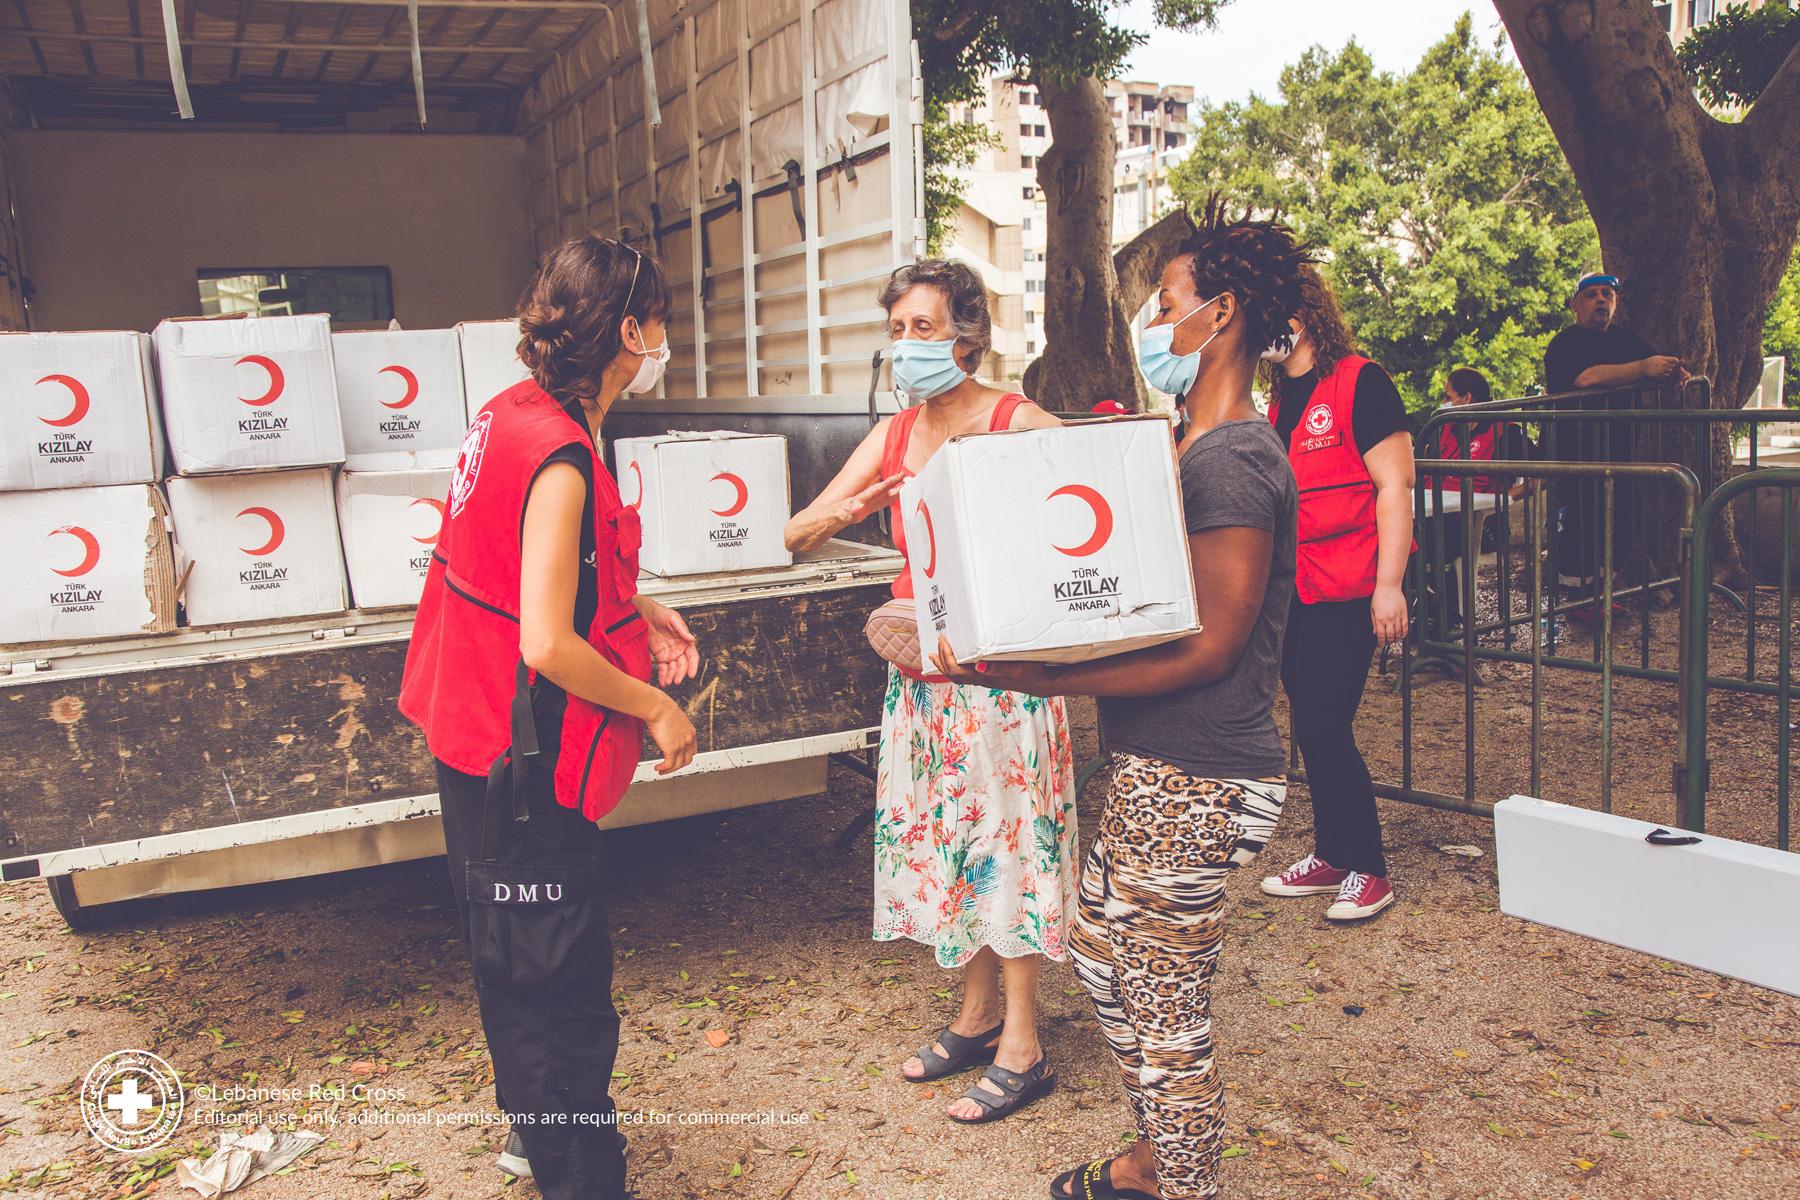 Freiwillige des Libanesischen Roten Kreuzes verteilen Lebensmittelpakete an die von der Explosion betroffenen Personen. © Libanesisches Rotes Kreuz